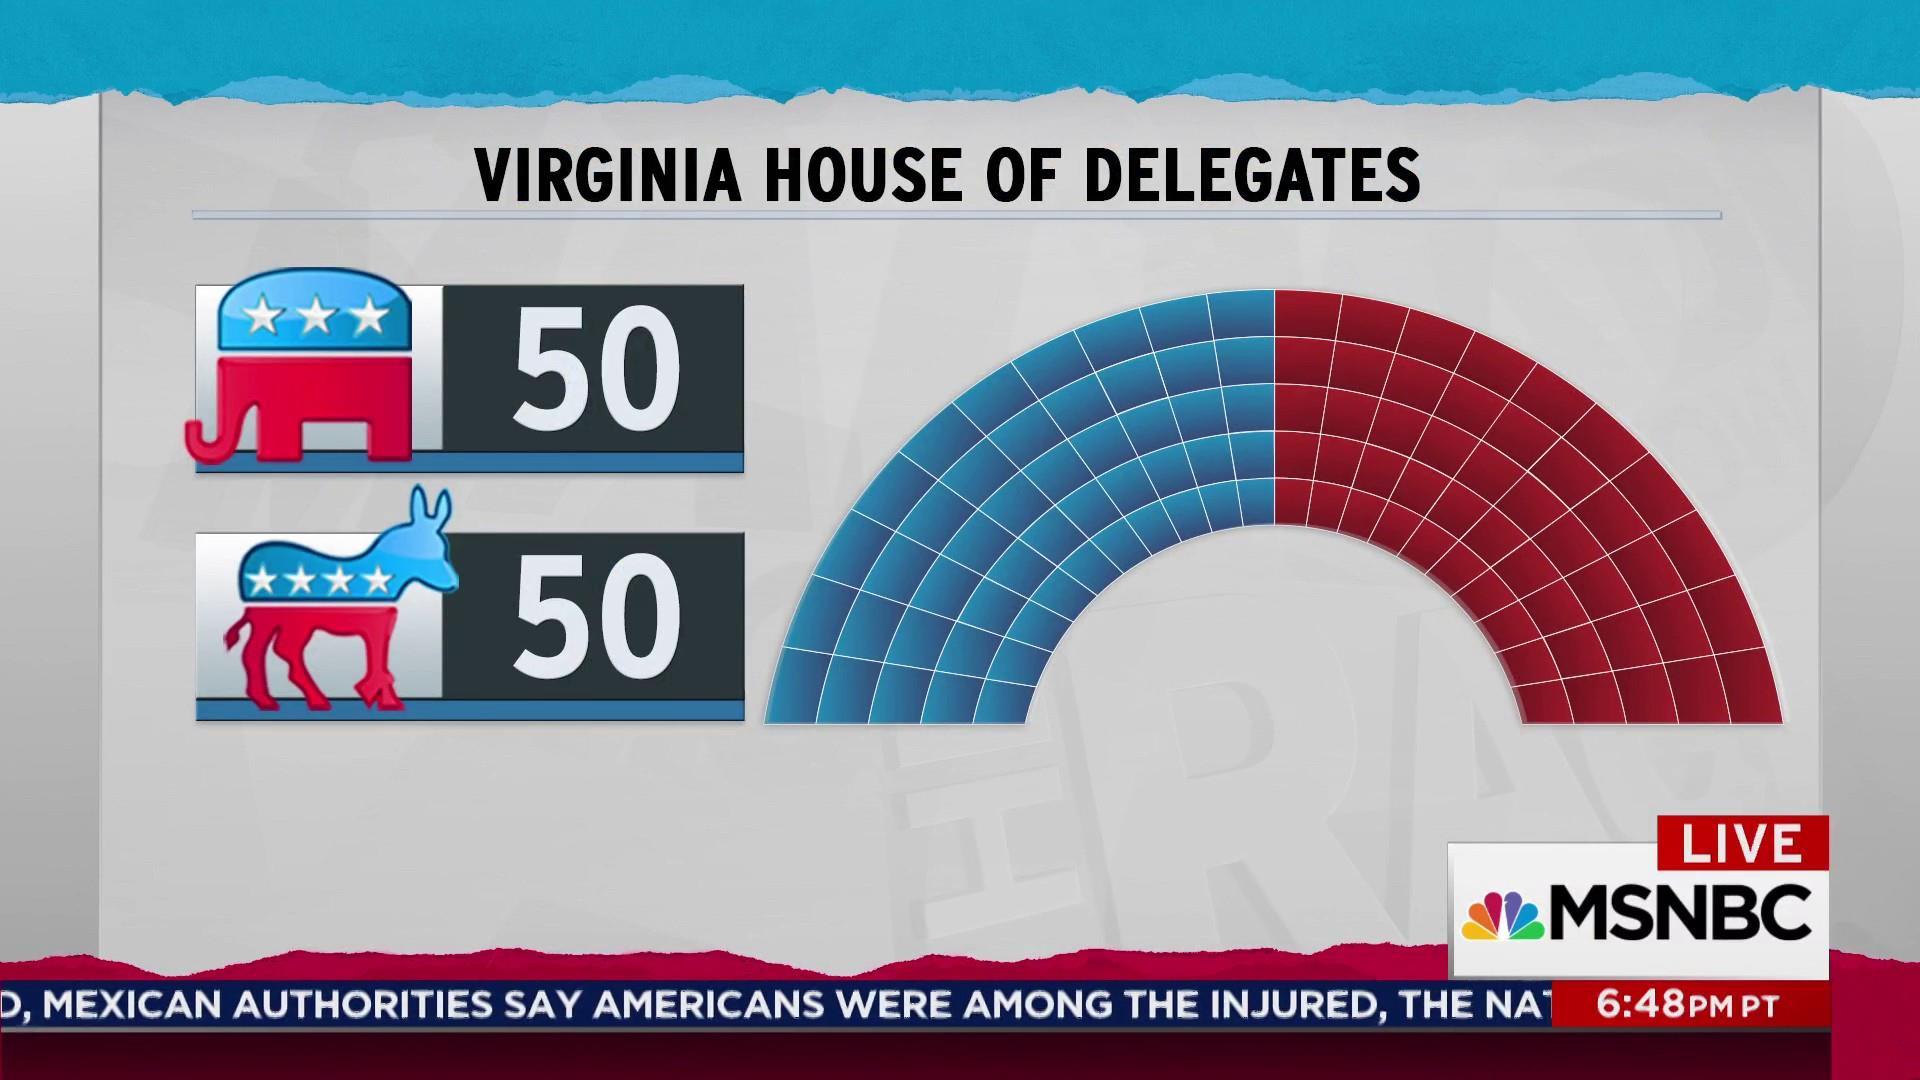 Virginia Democratic landslide gets them a tie